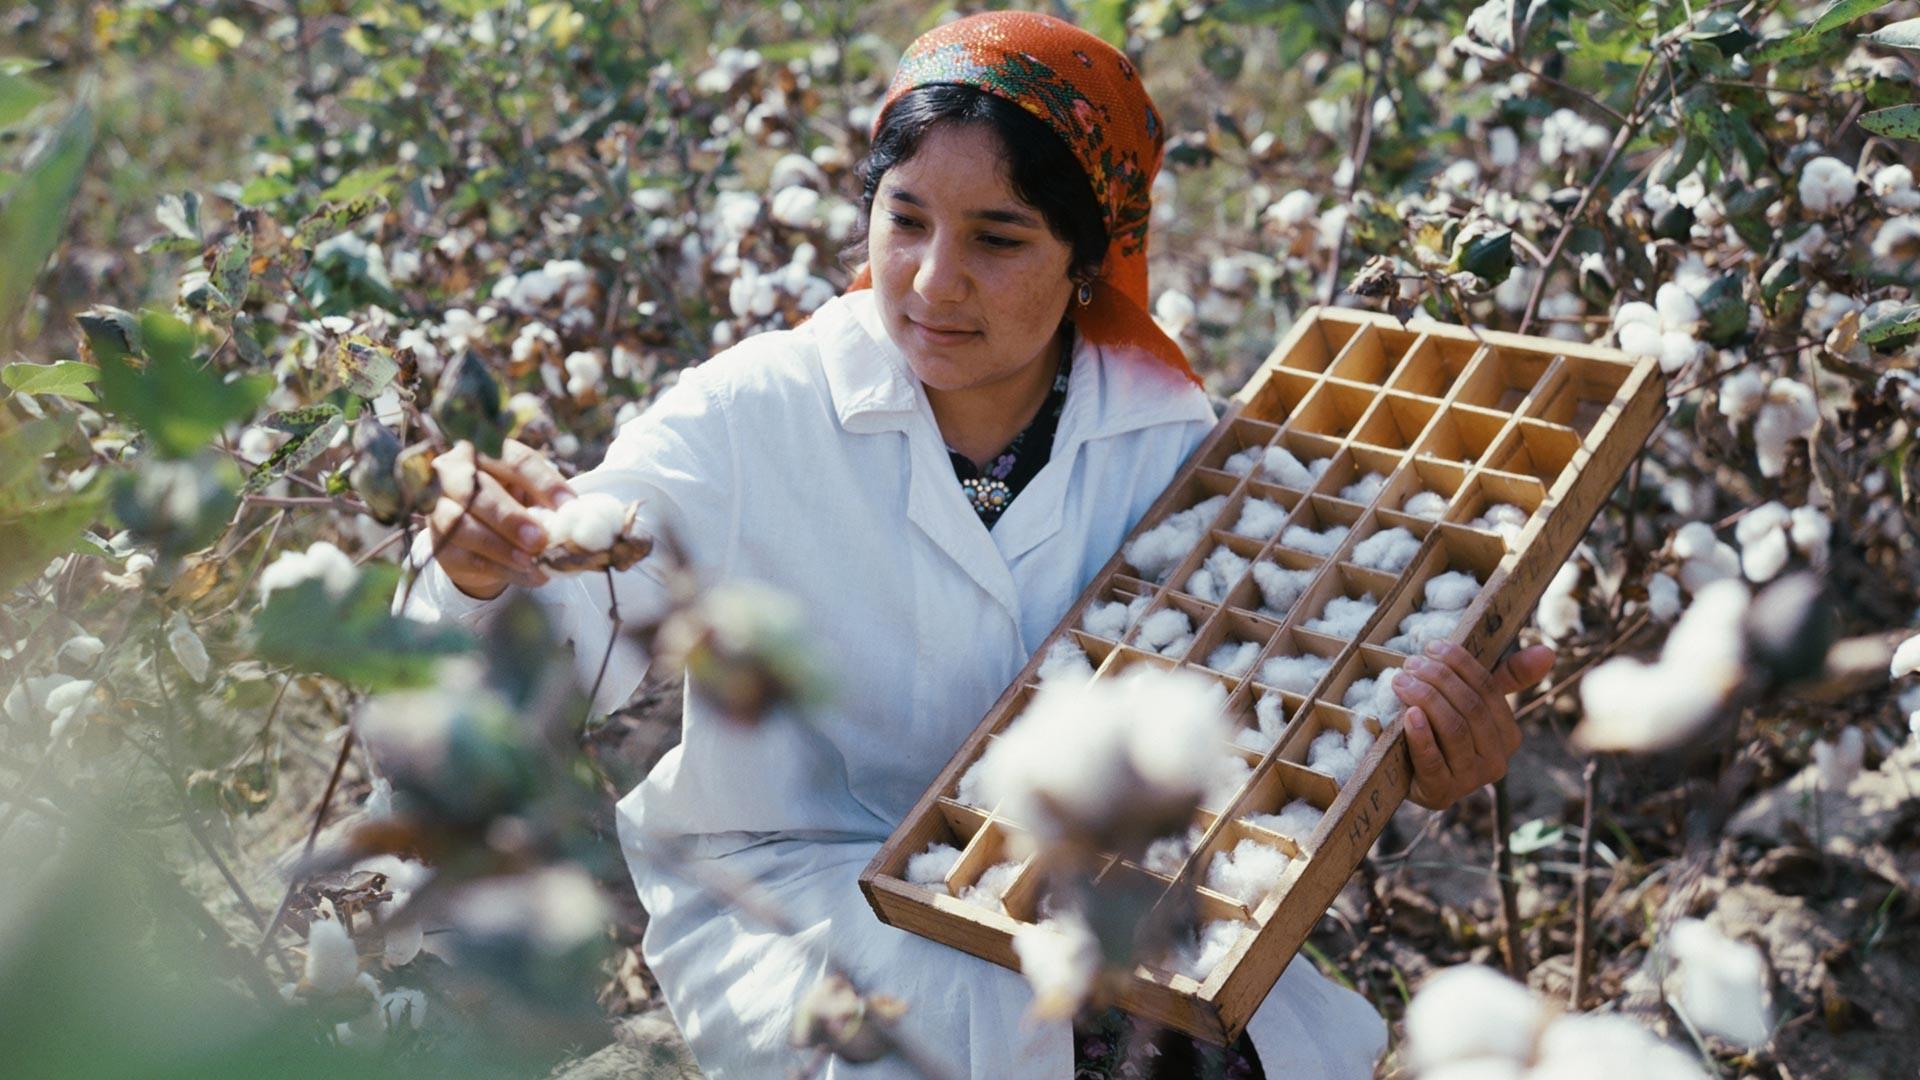 Таджикская ССР. Лаборантка Нурджемал Шаназарова работает с хлопчатником